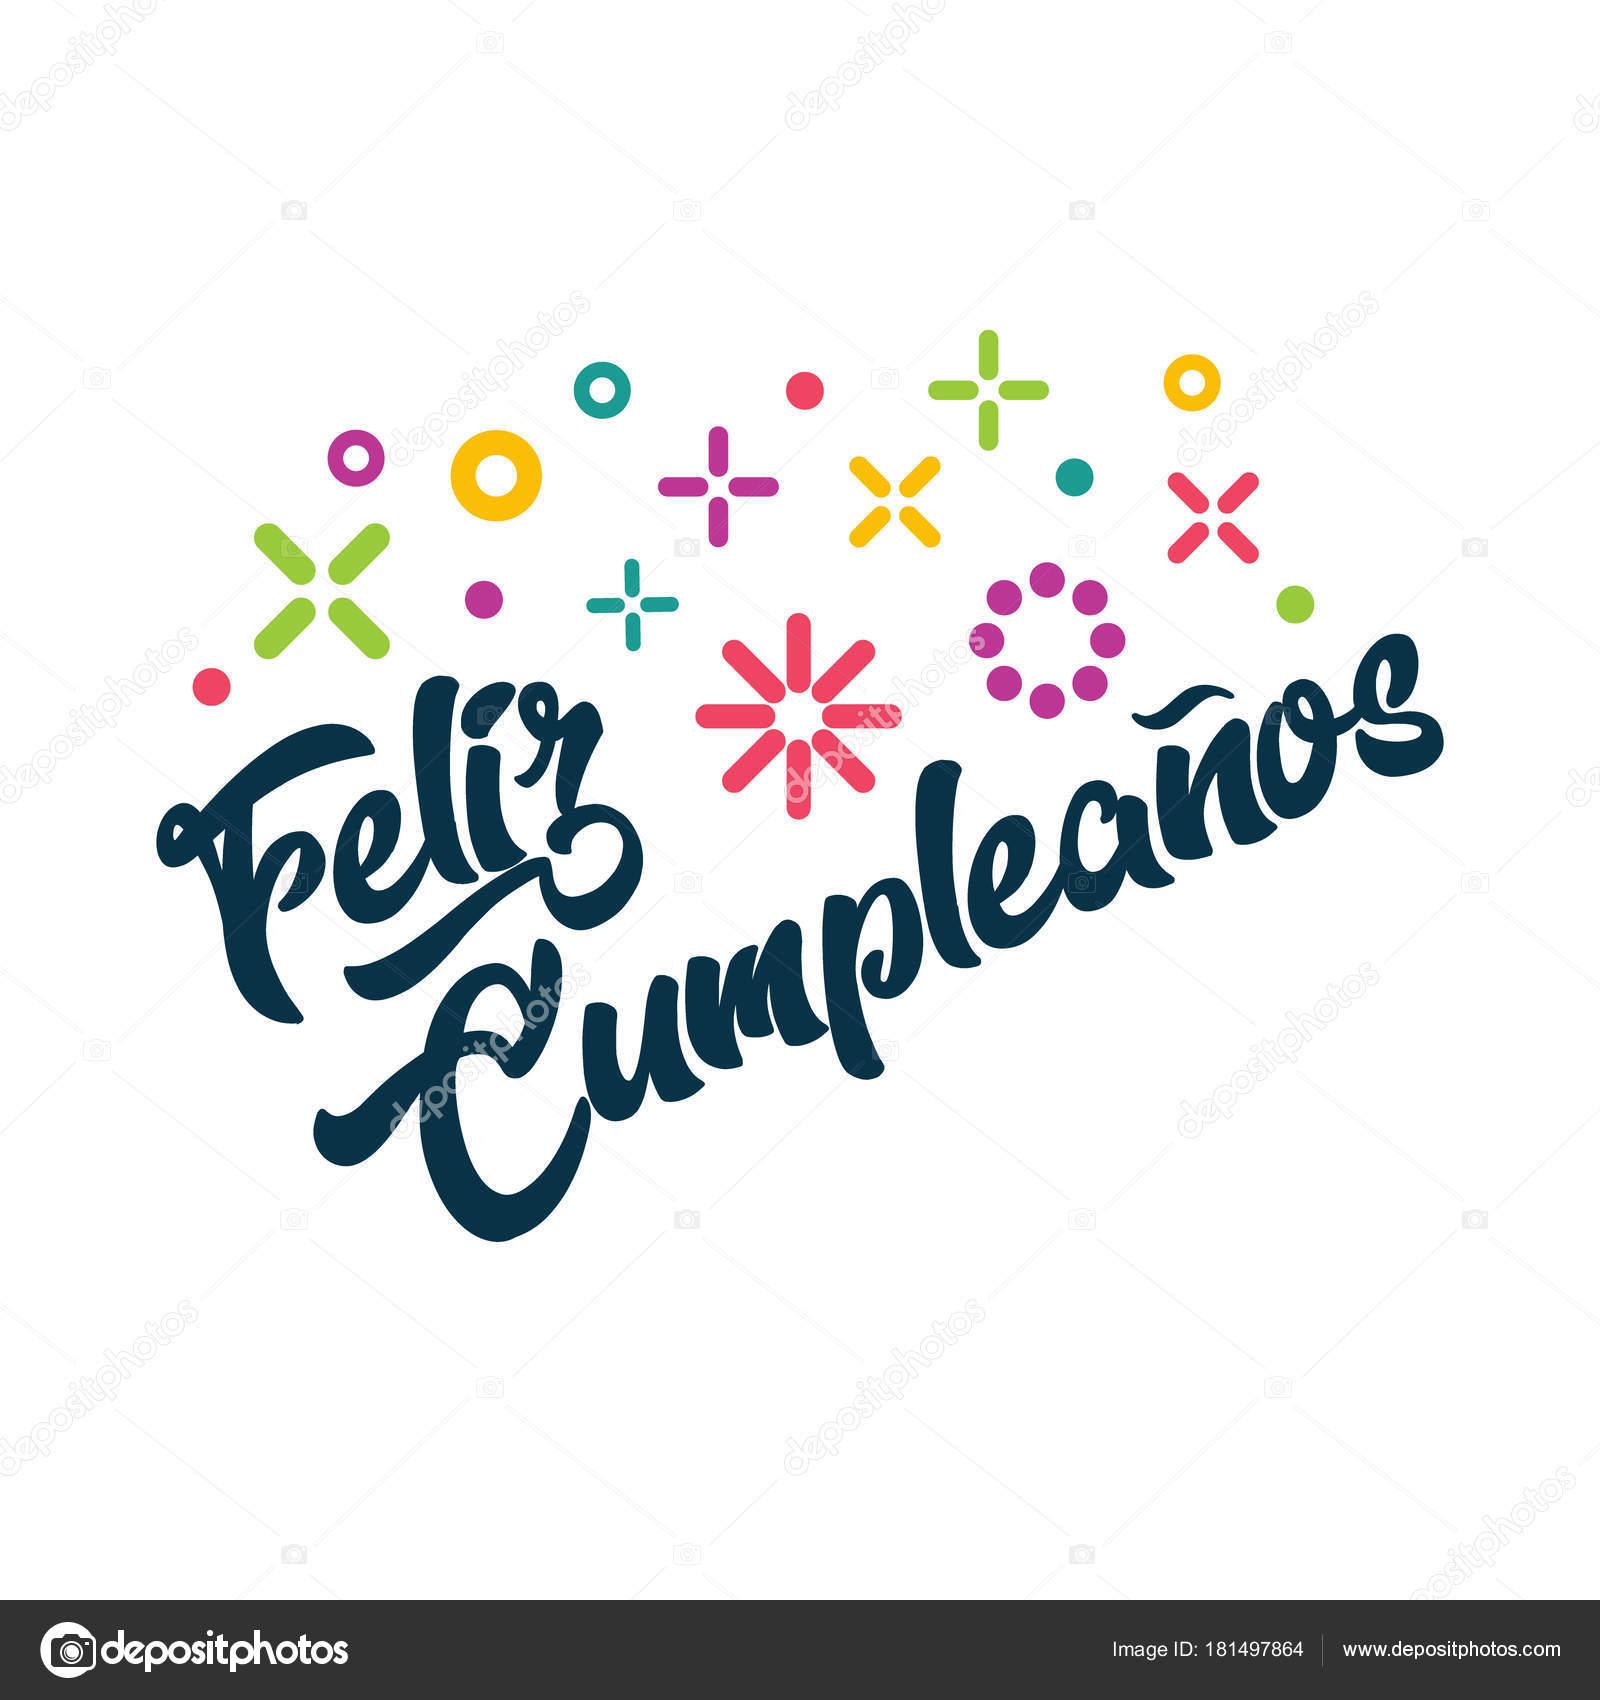 Feliz Cumpleanos Spaanse Gelukkige Verjaardag Groeten